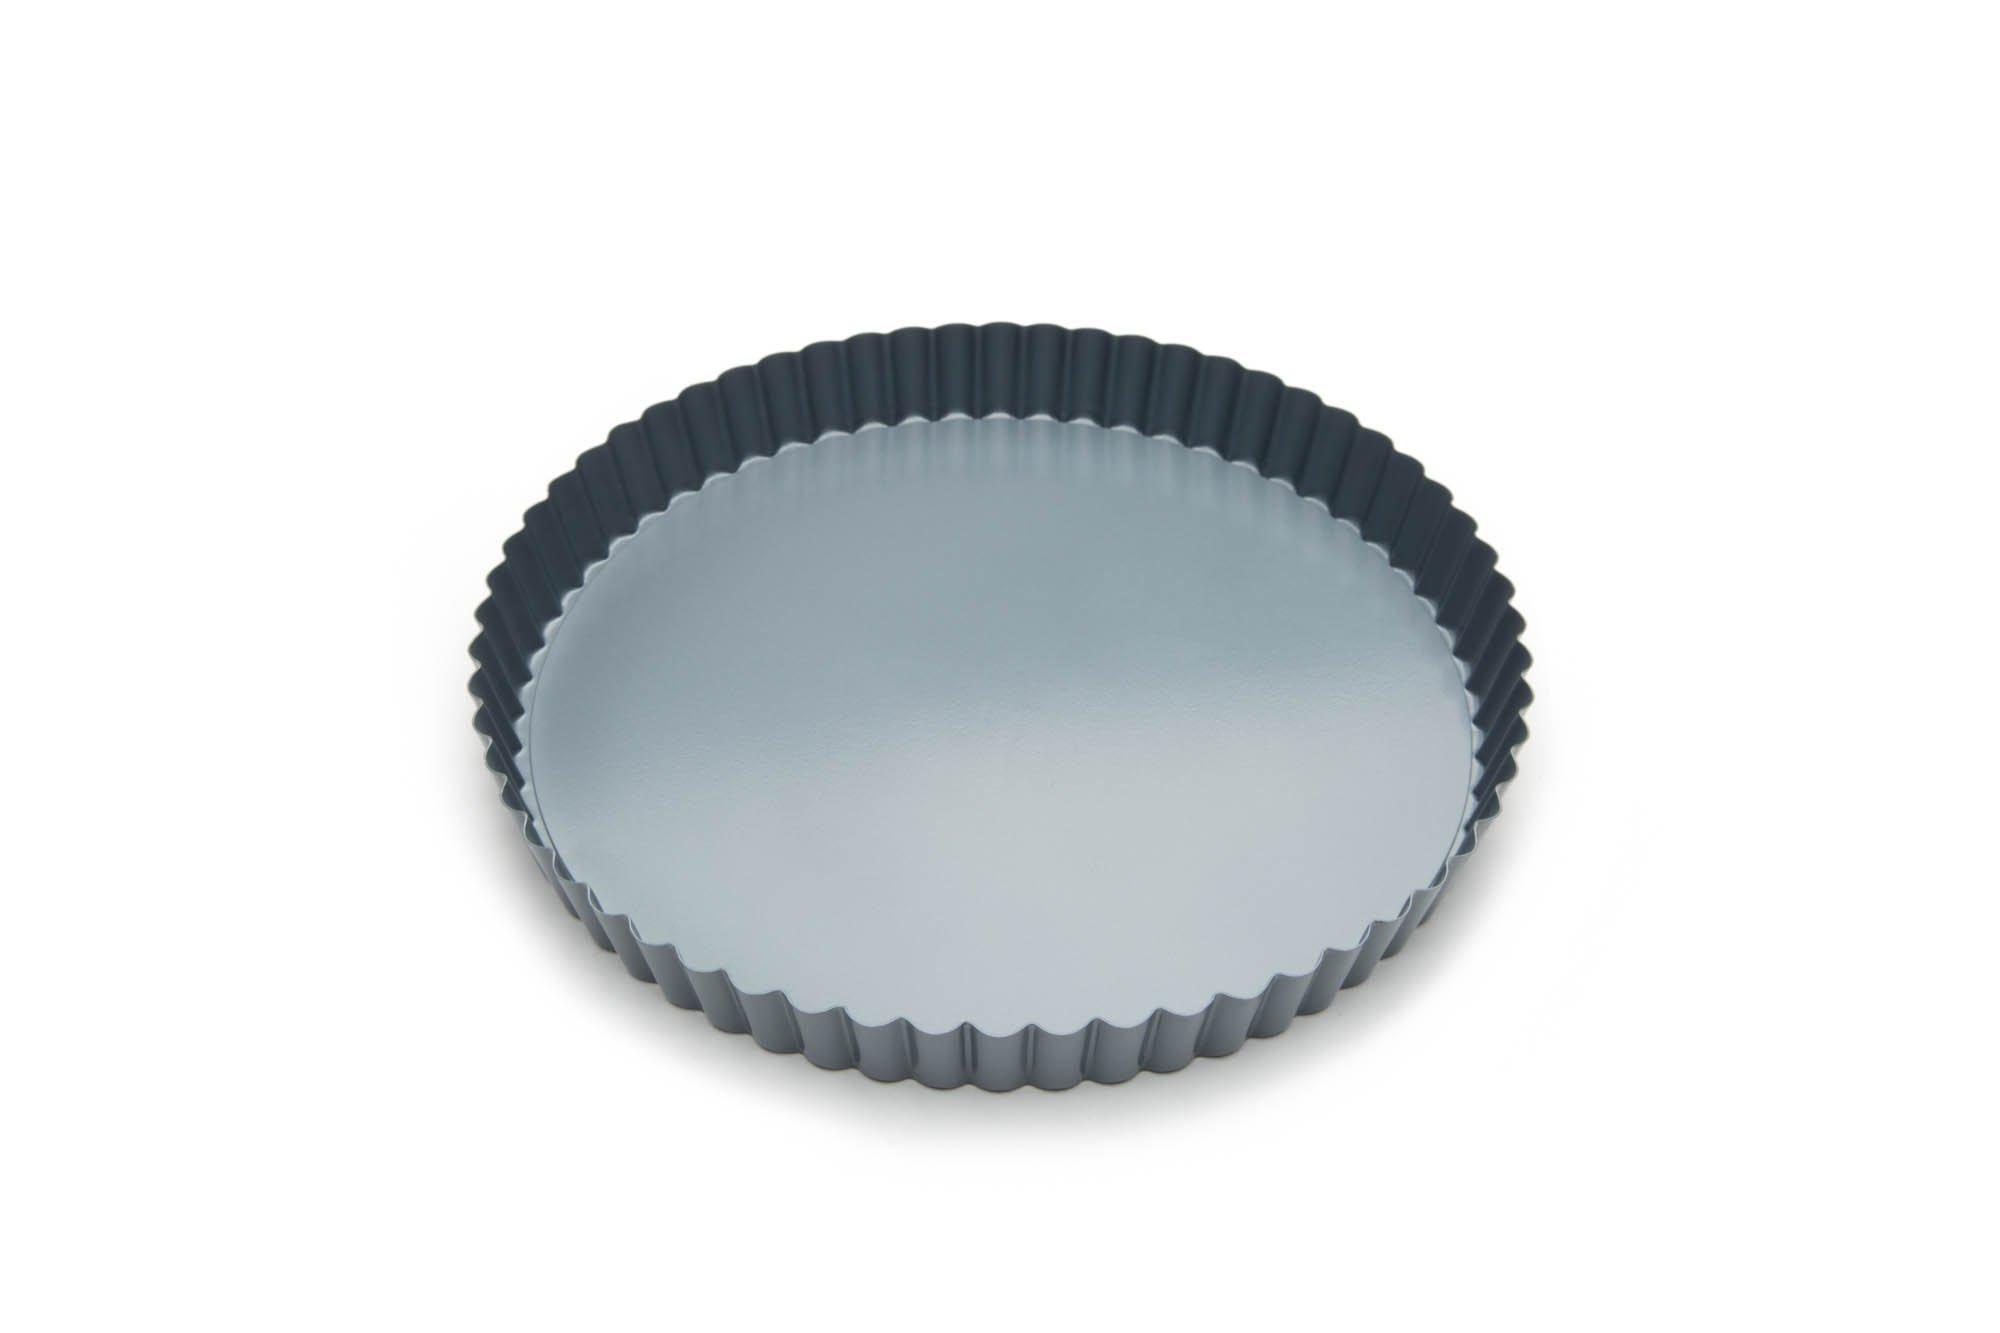 Fox Run 44513 Round Loose Bottom Quiche Pan, 9-Inch, Preferred Non-Stick